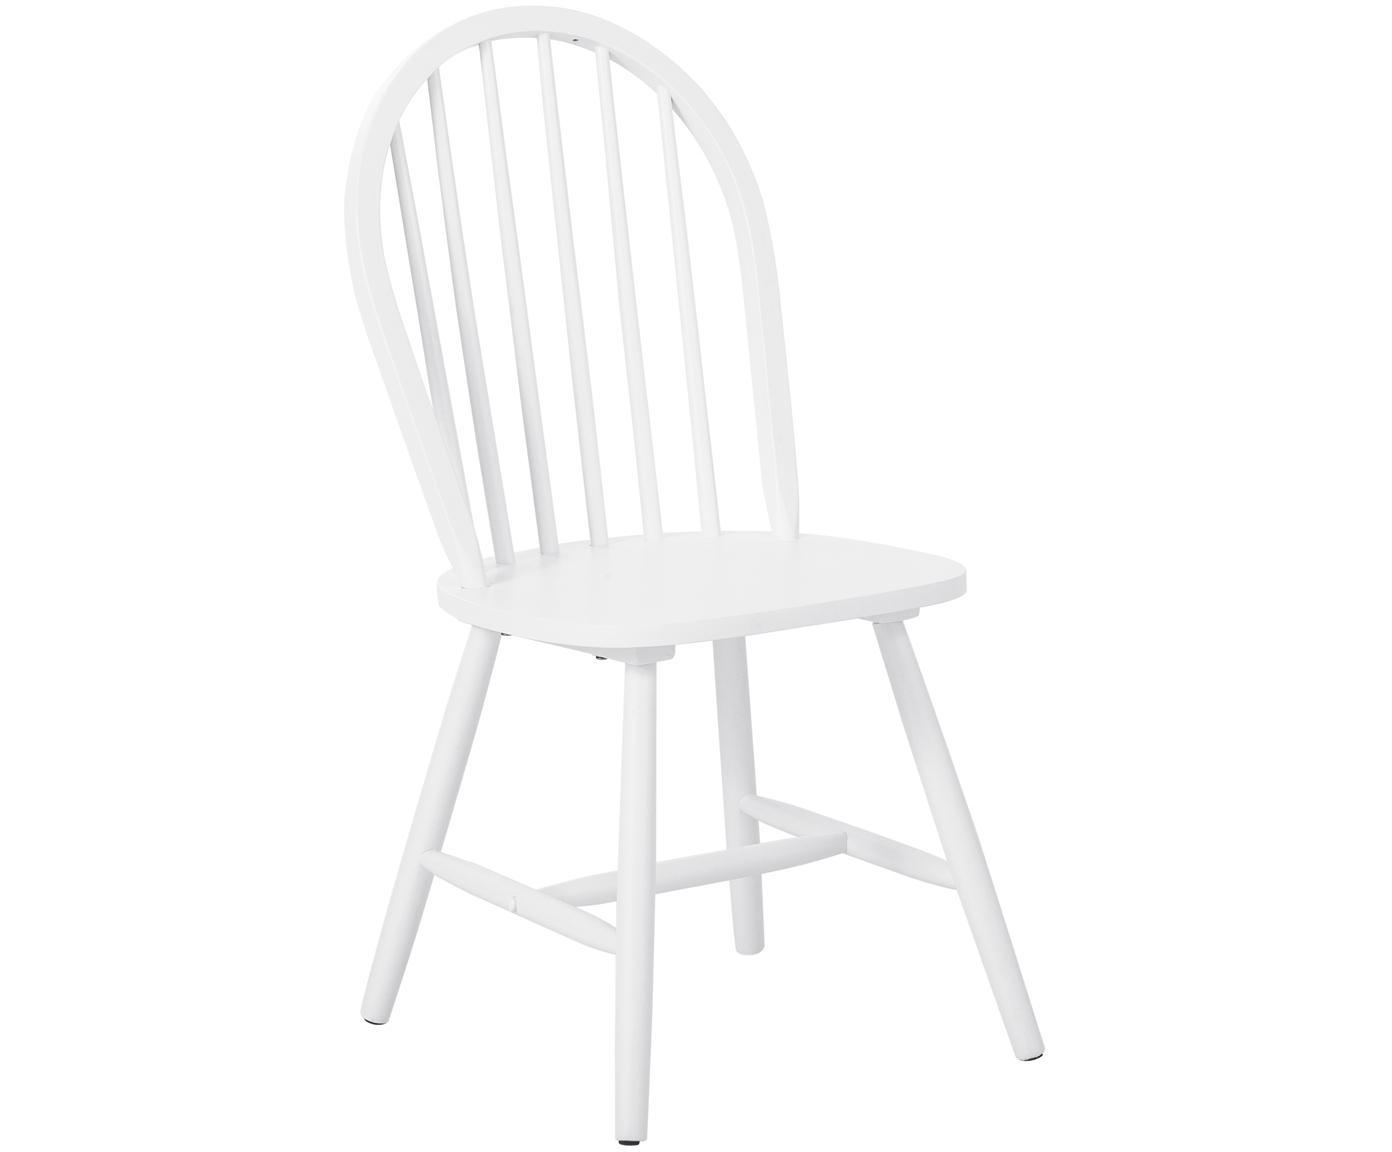 Krzesło z drewna Jonas, 2 szt., Drewno kauczukowe, lakierowane, Biały, S 46 x G 51 cm